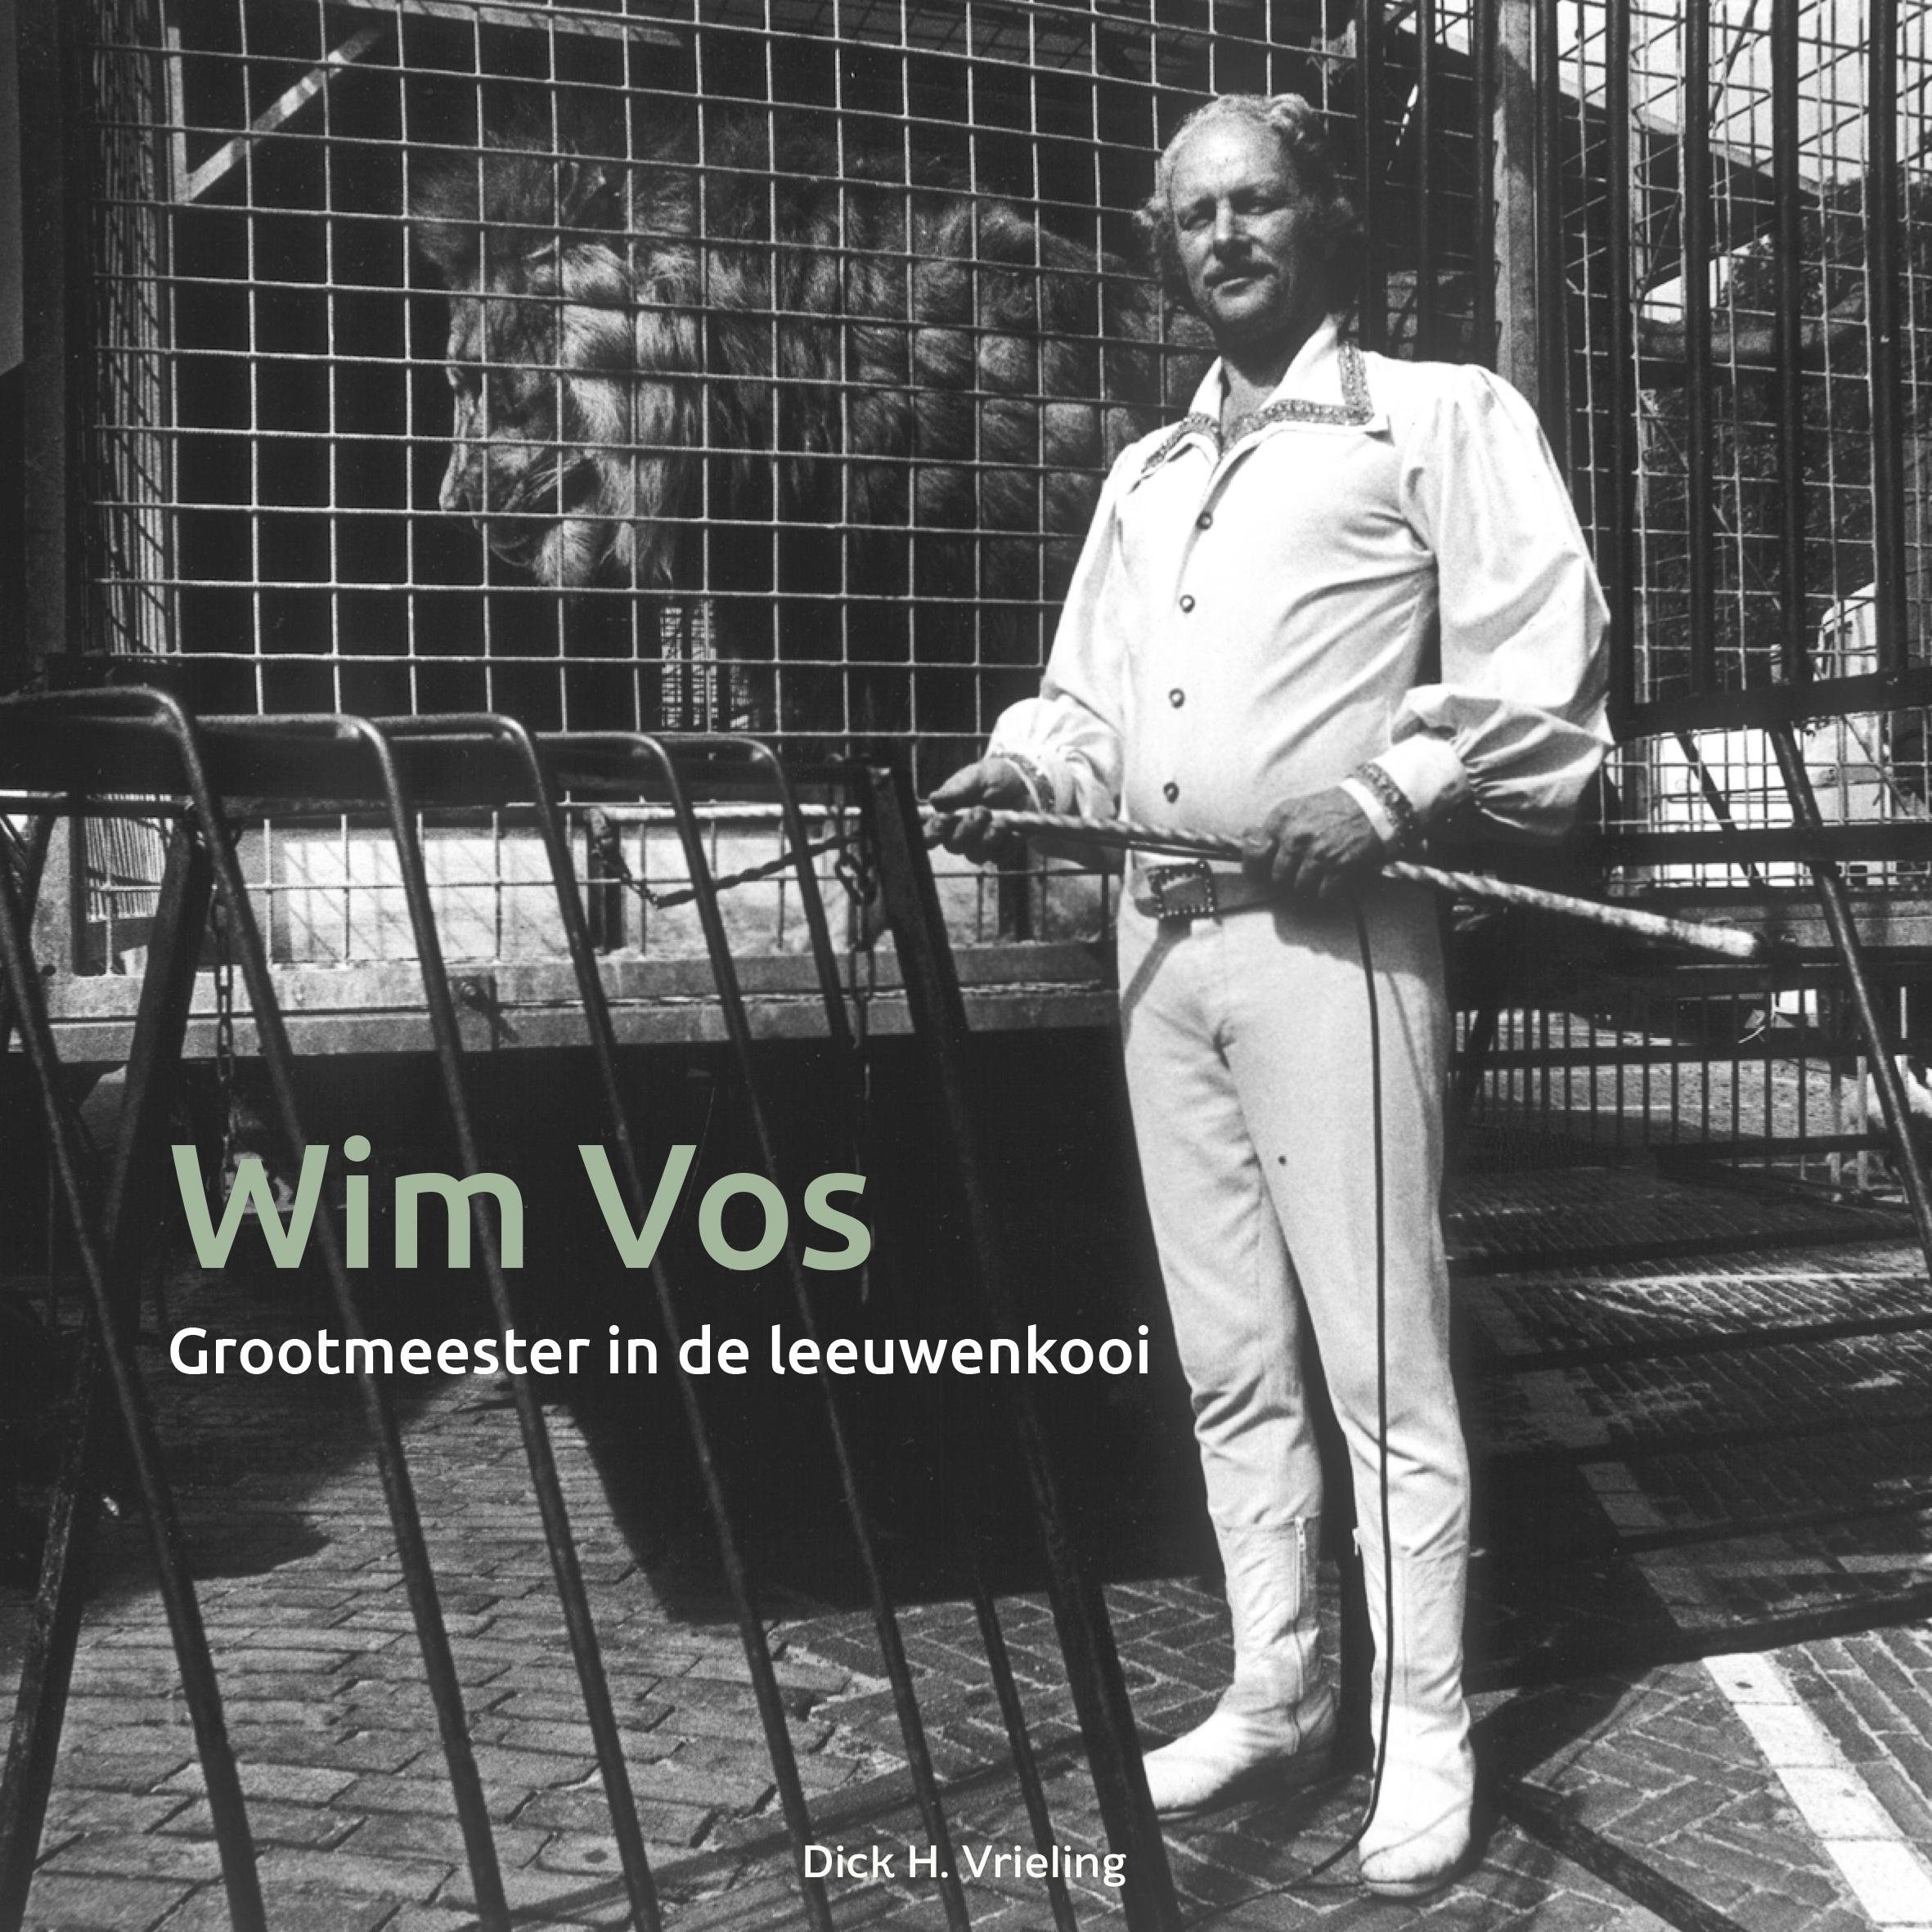 Boek Wim Vos Grootmeester in de Leeuwenkooi door Dick H Vrieling op Circusweb.